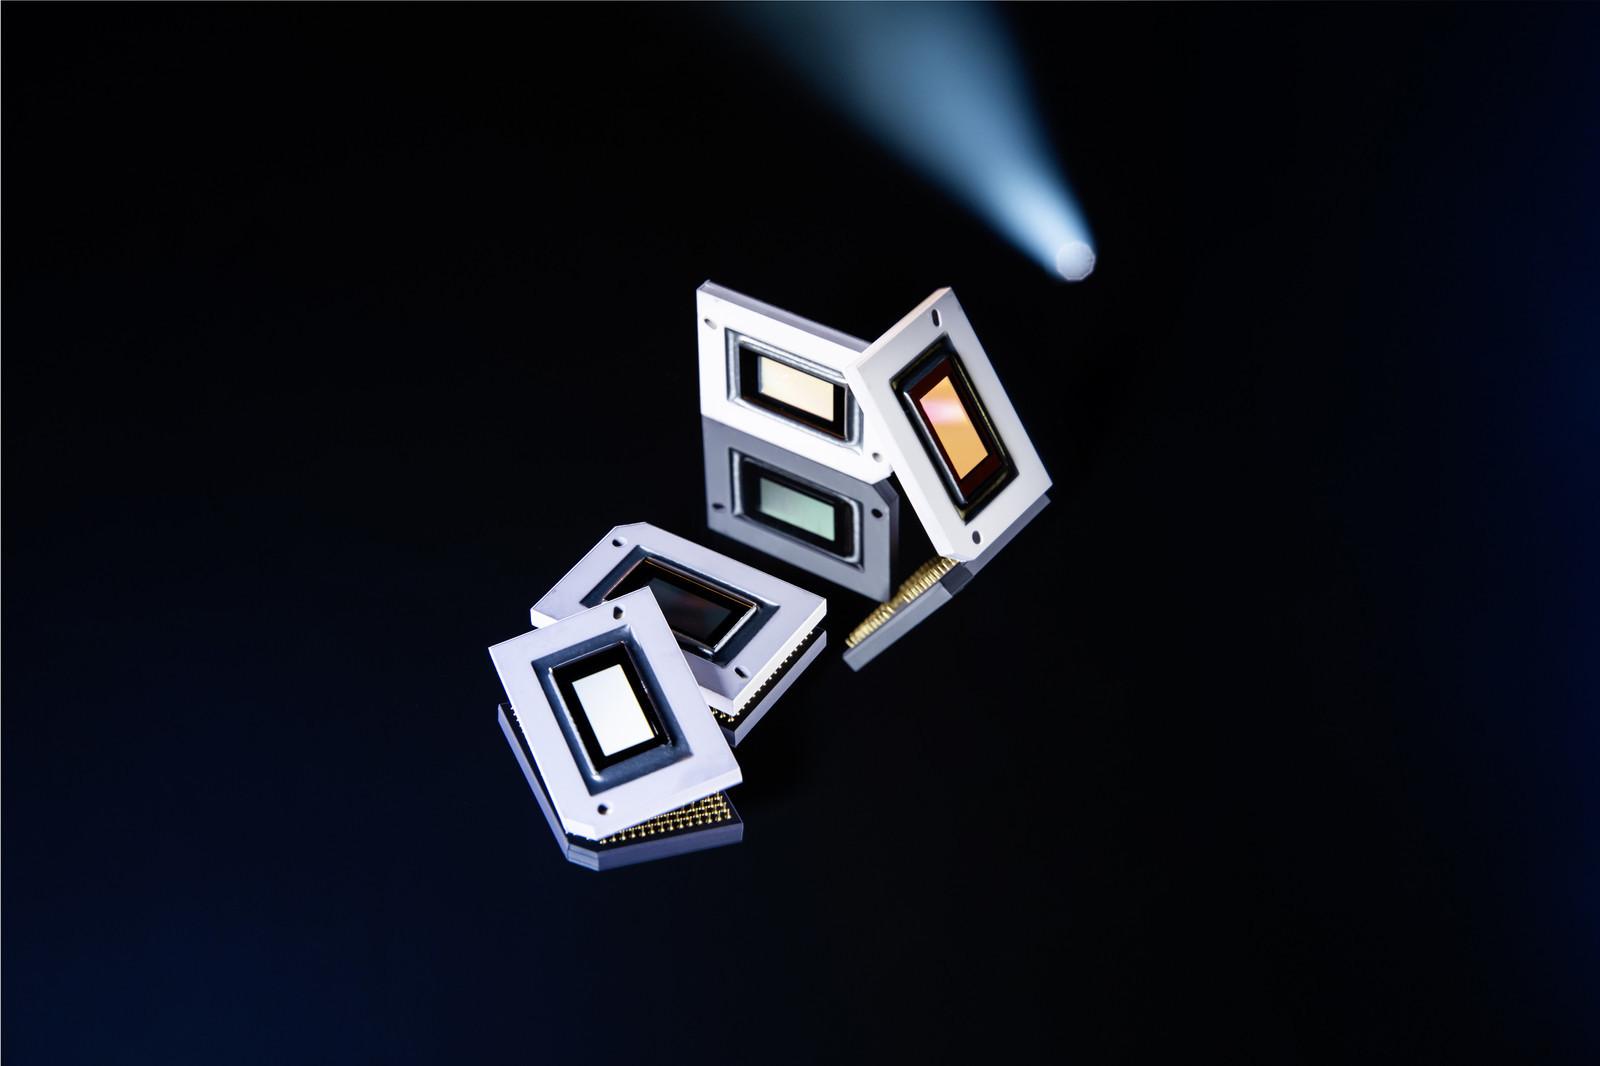 Audi Matrix LED Digital